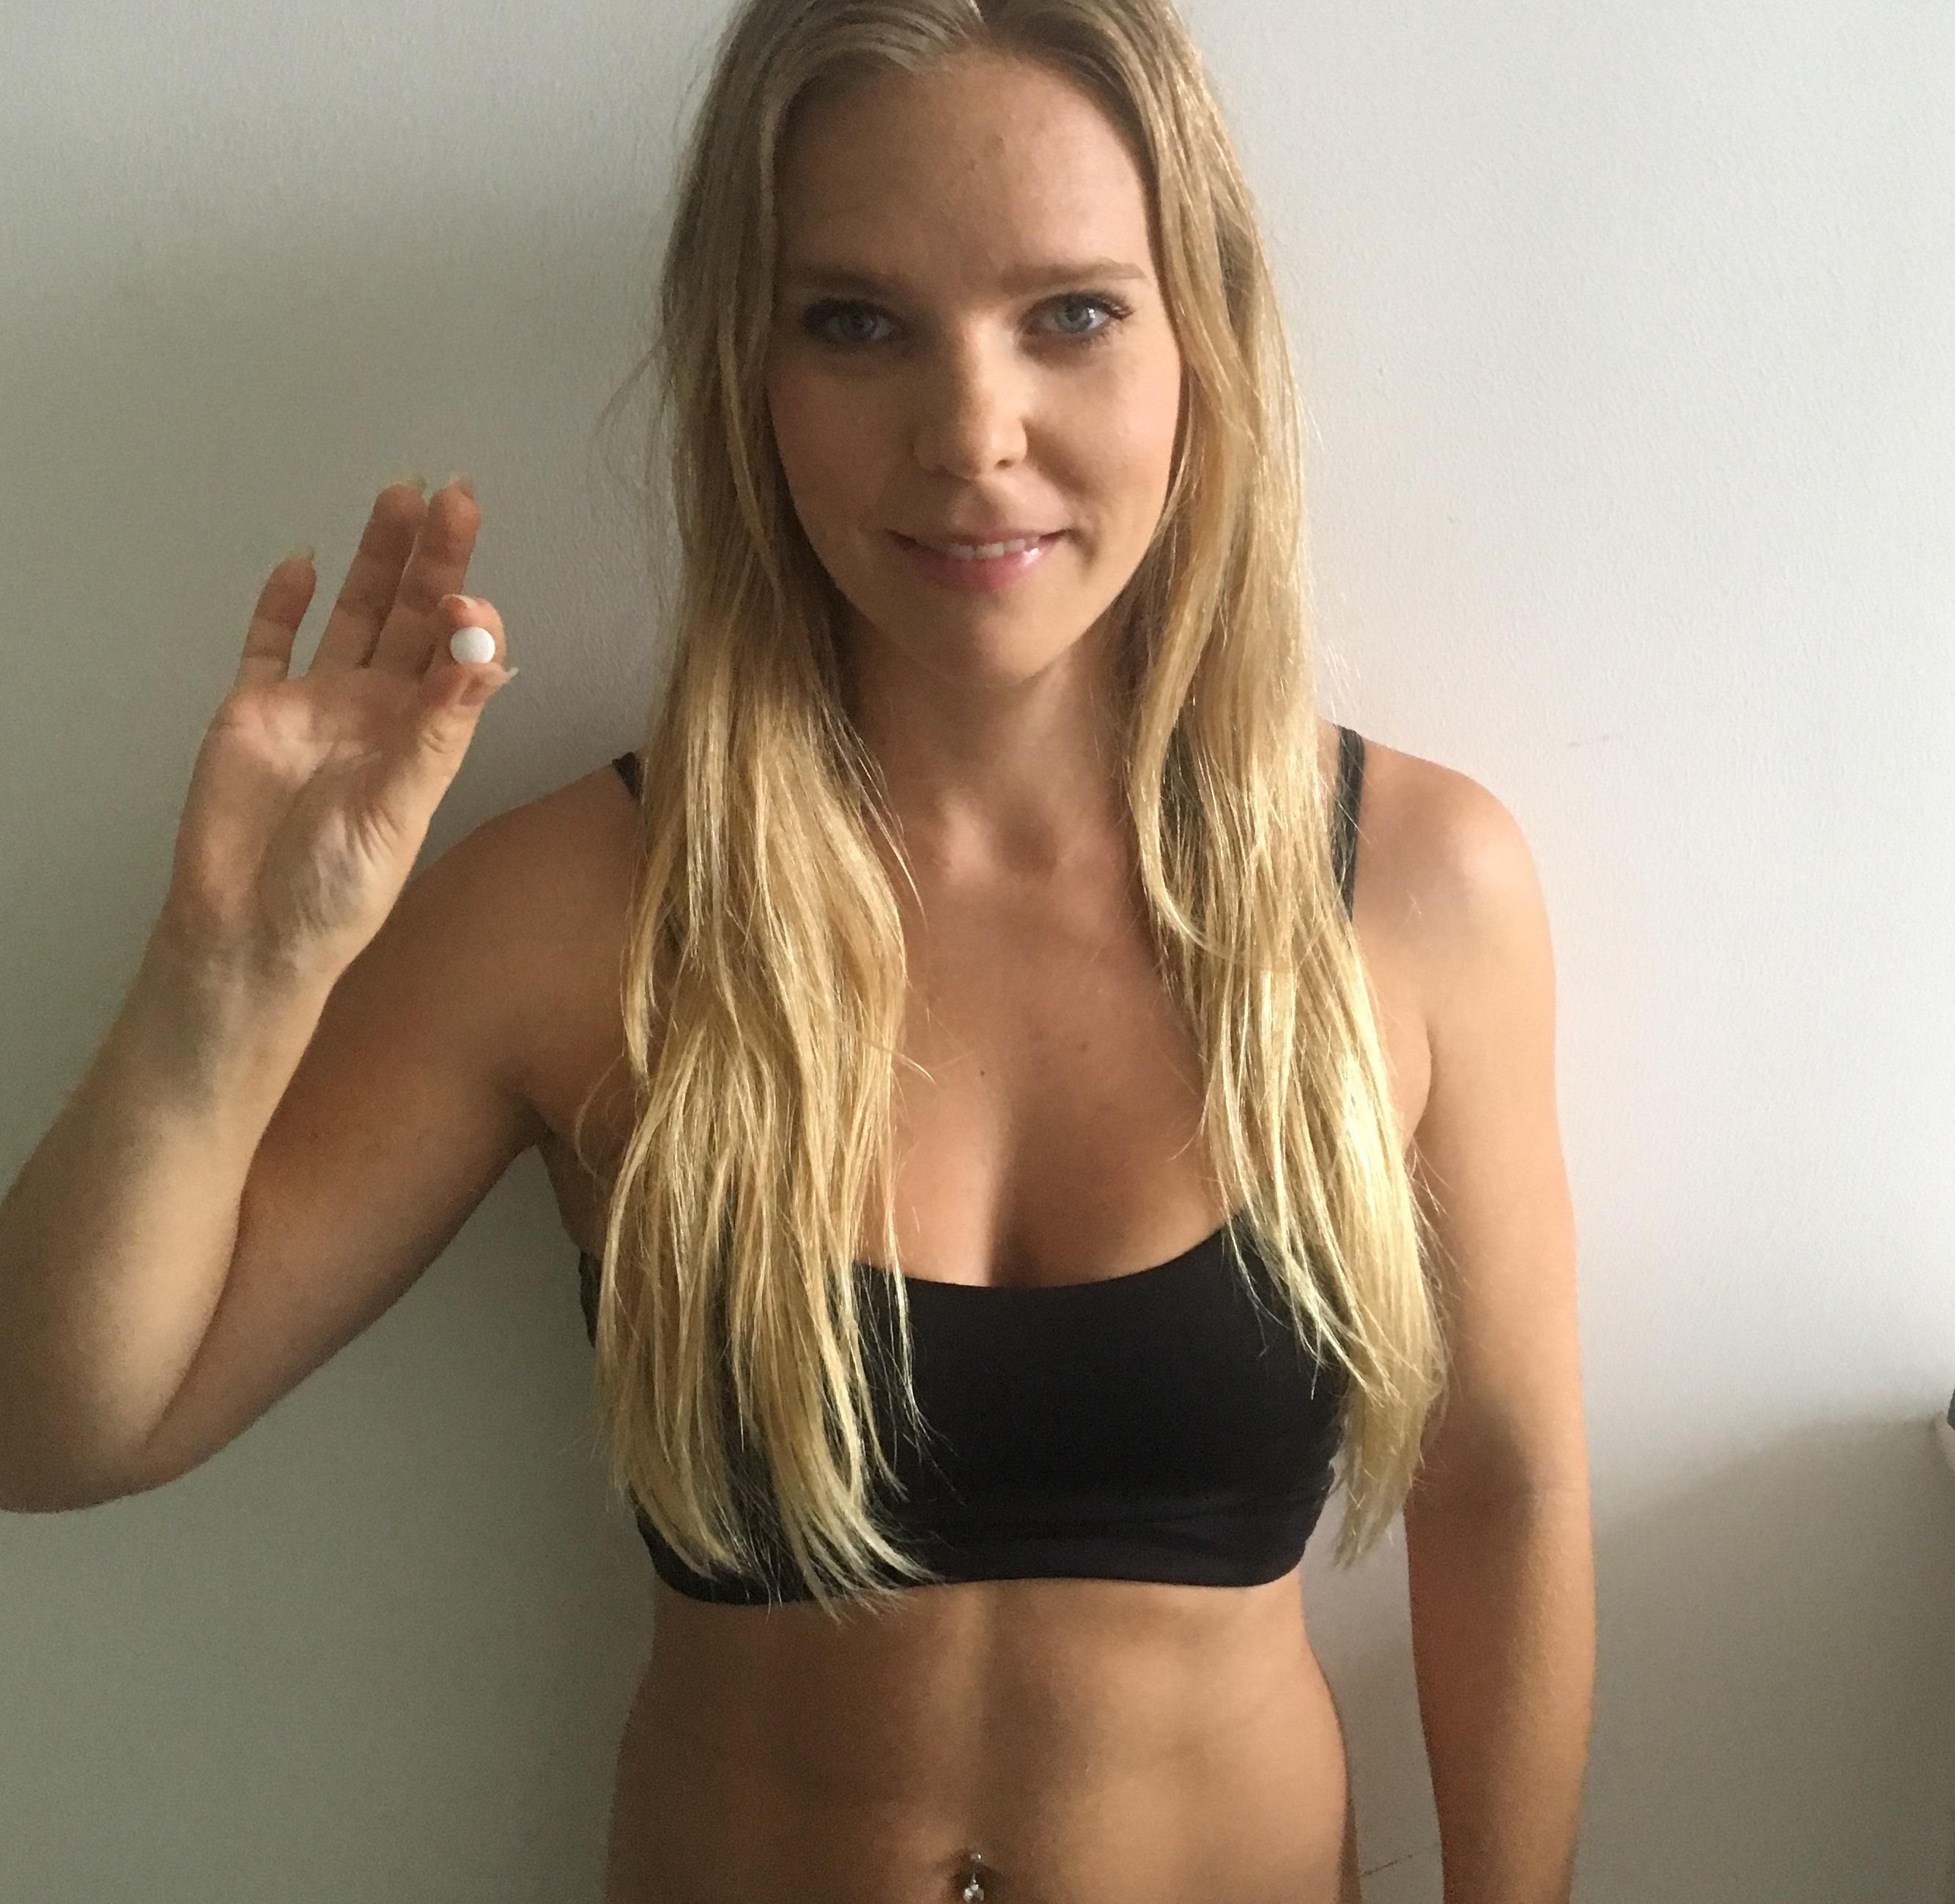 Vitaminer för kvinnor som tränar - vitamintillskott